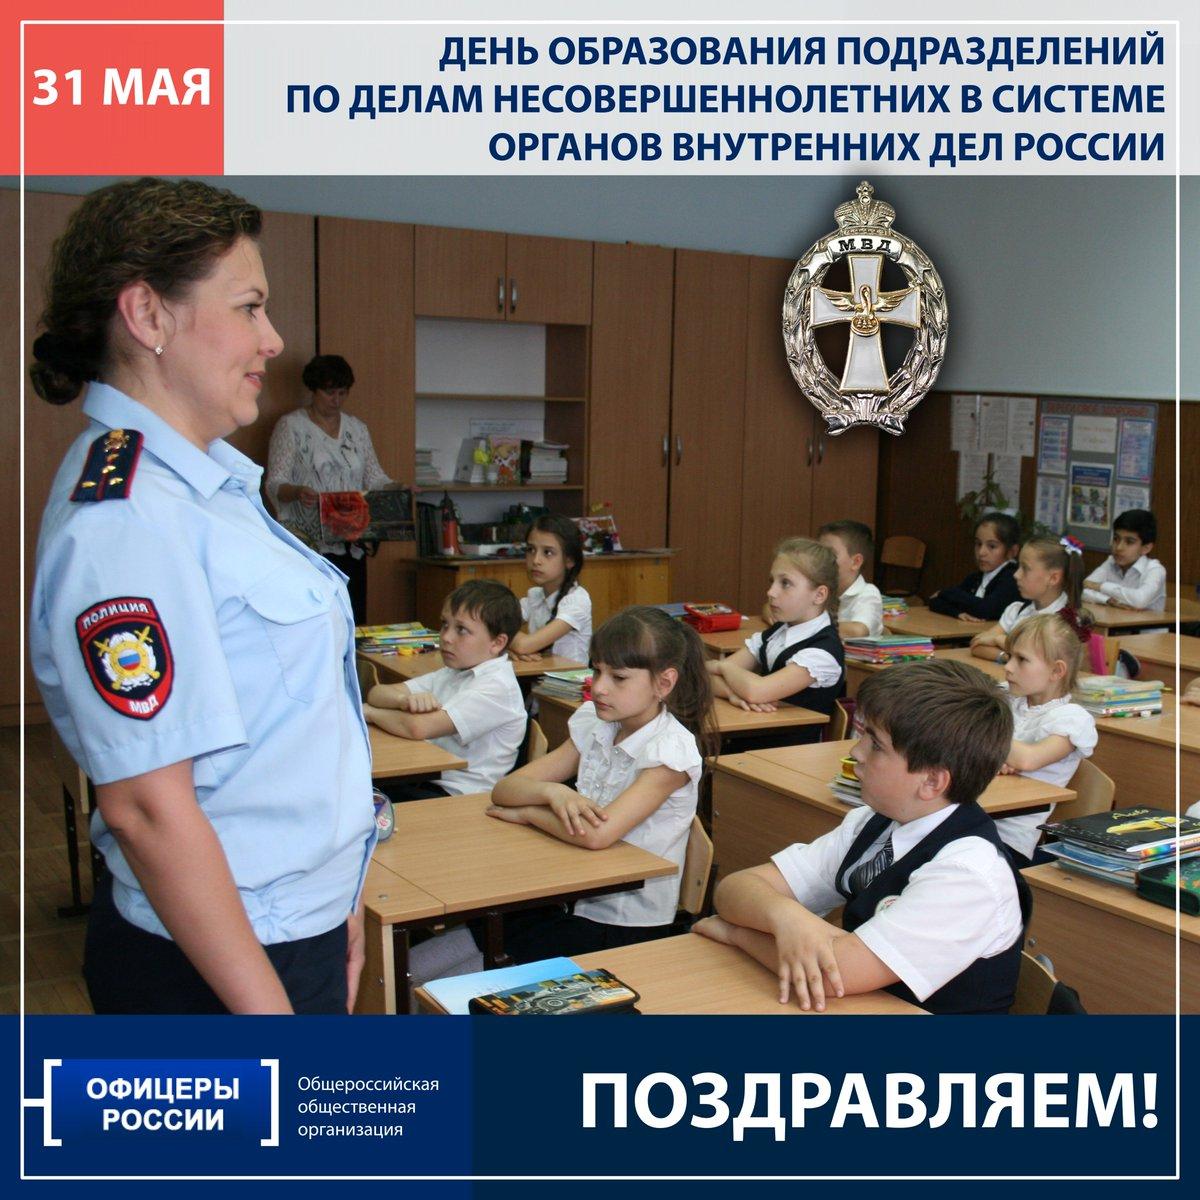 Инспектор по делам несовершеннолетних поздравления